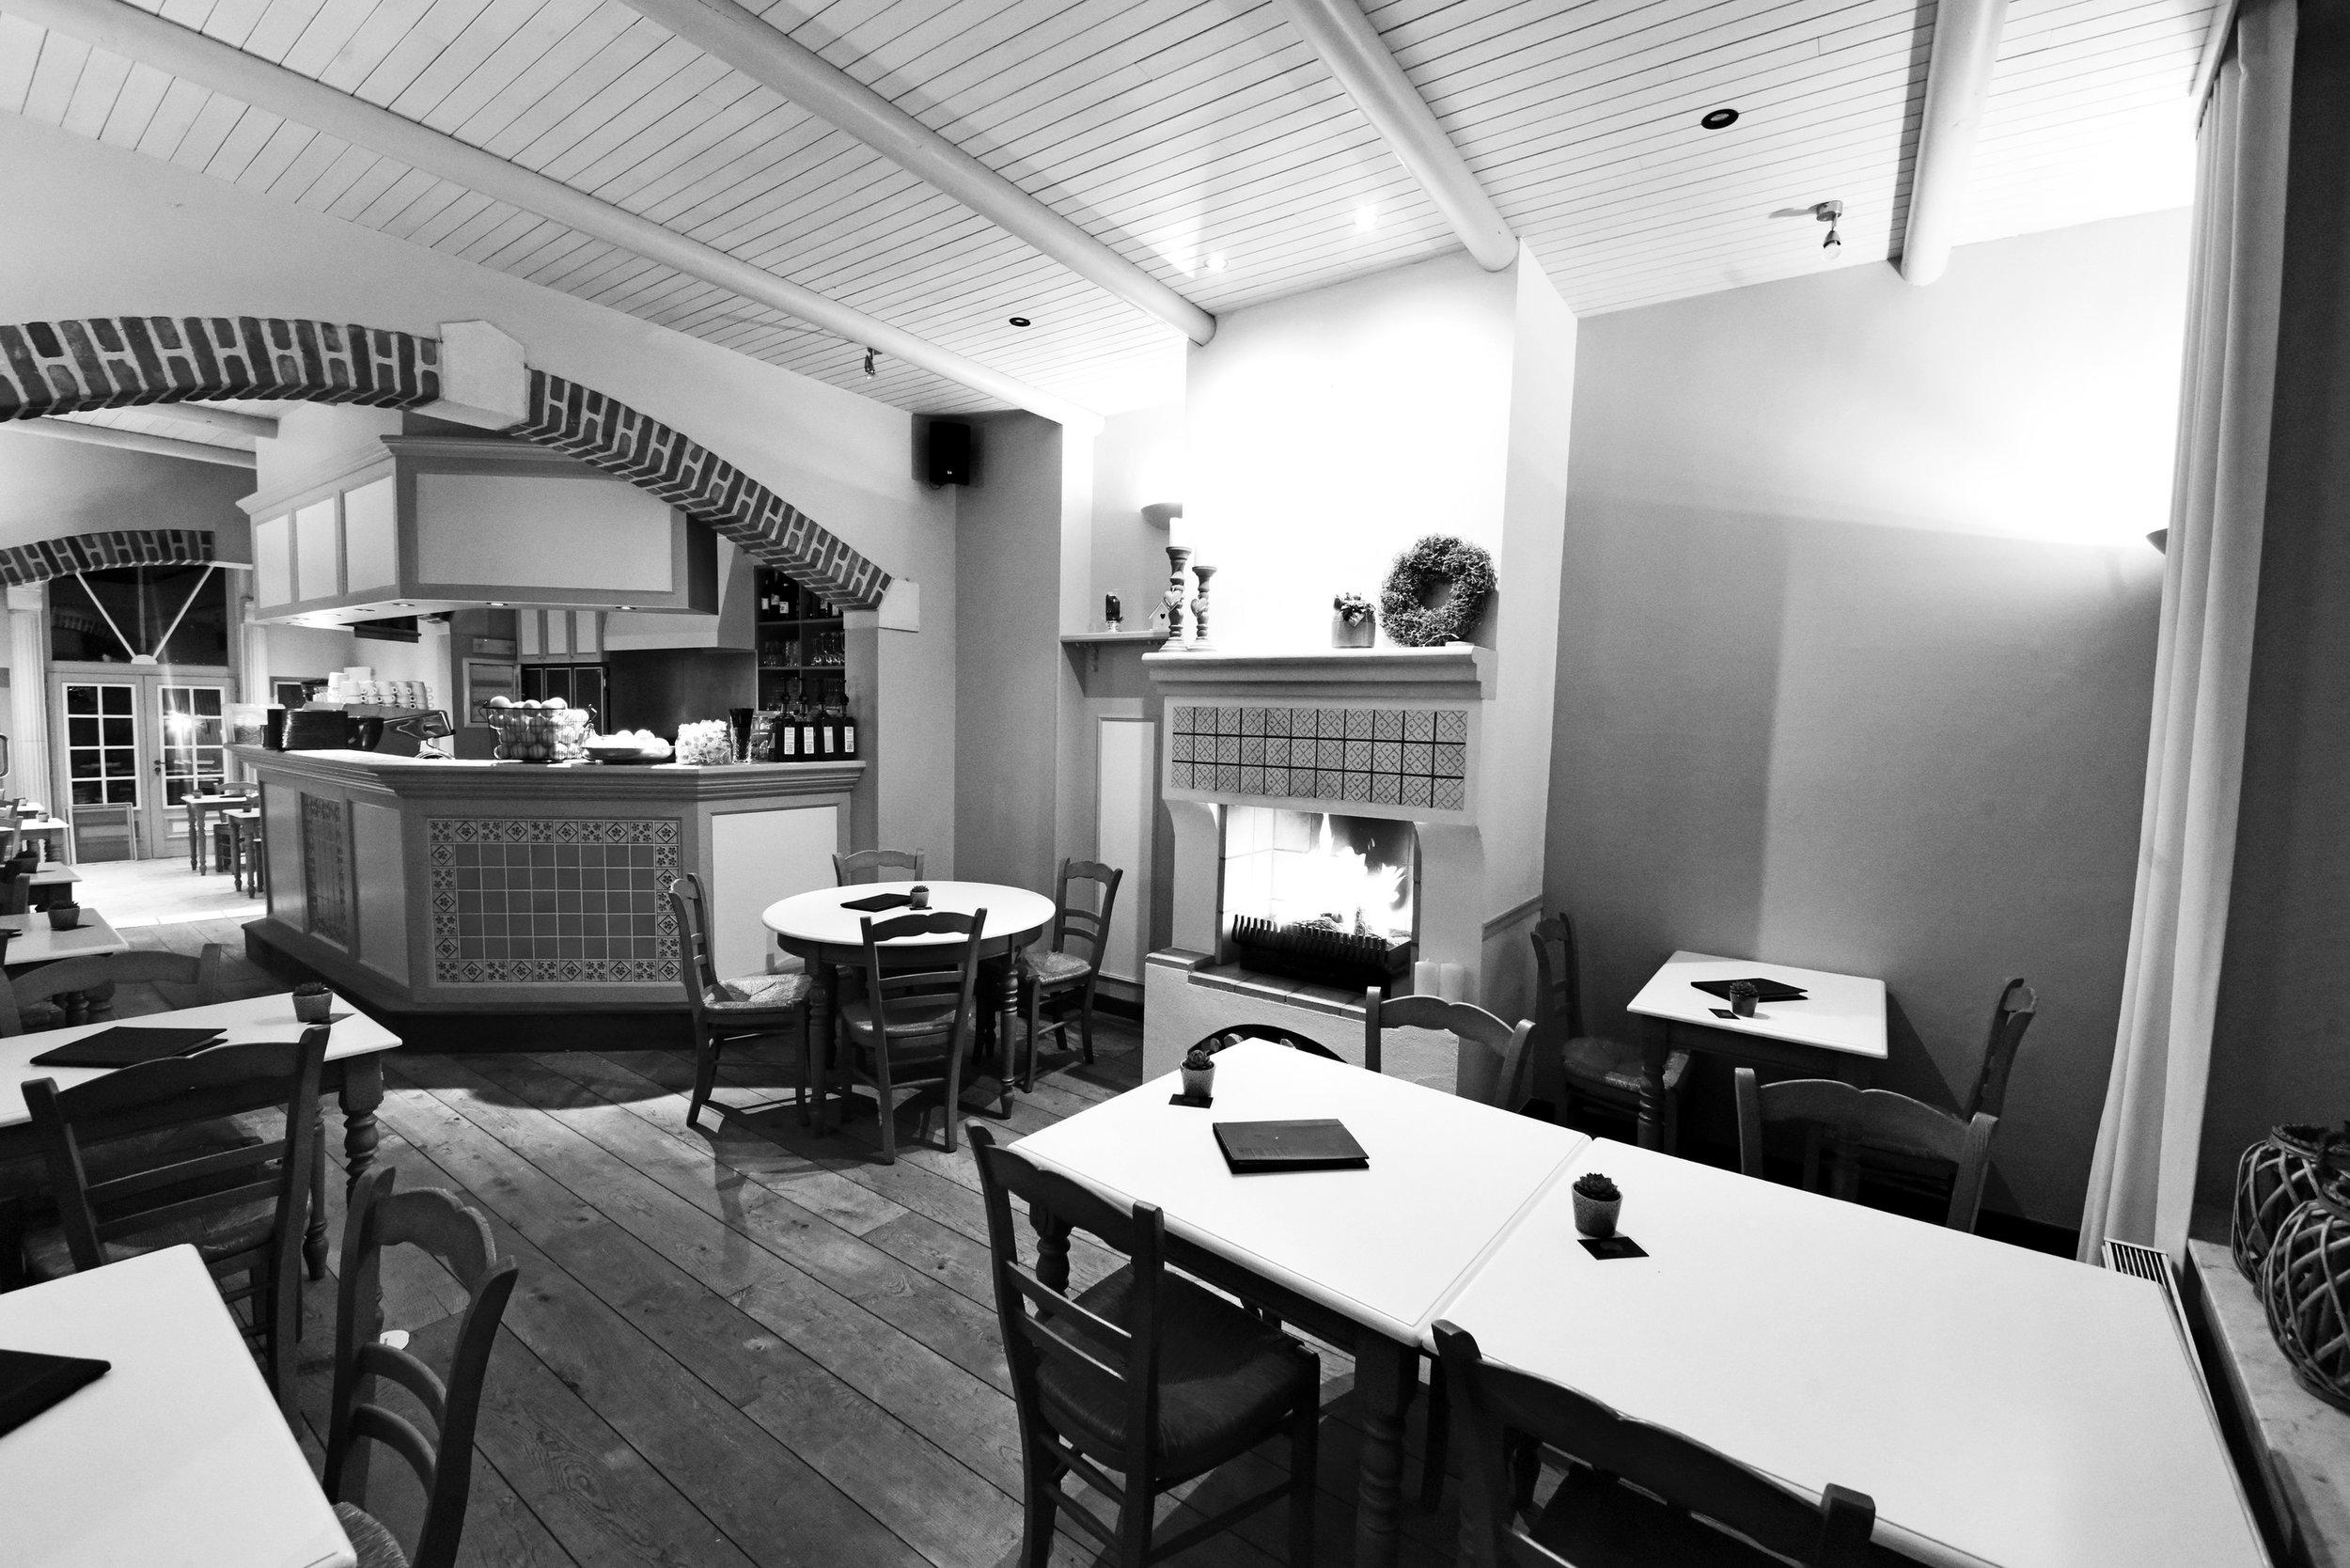 4 l arret vert de haan bnb hotel ontbuit lunch restaurant.jpg